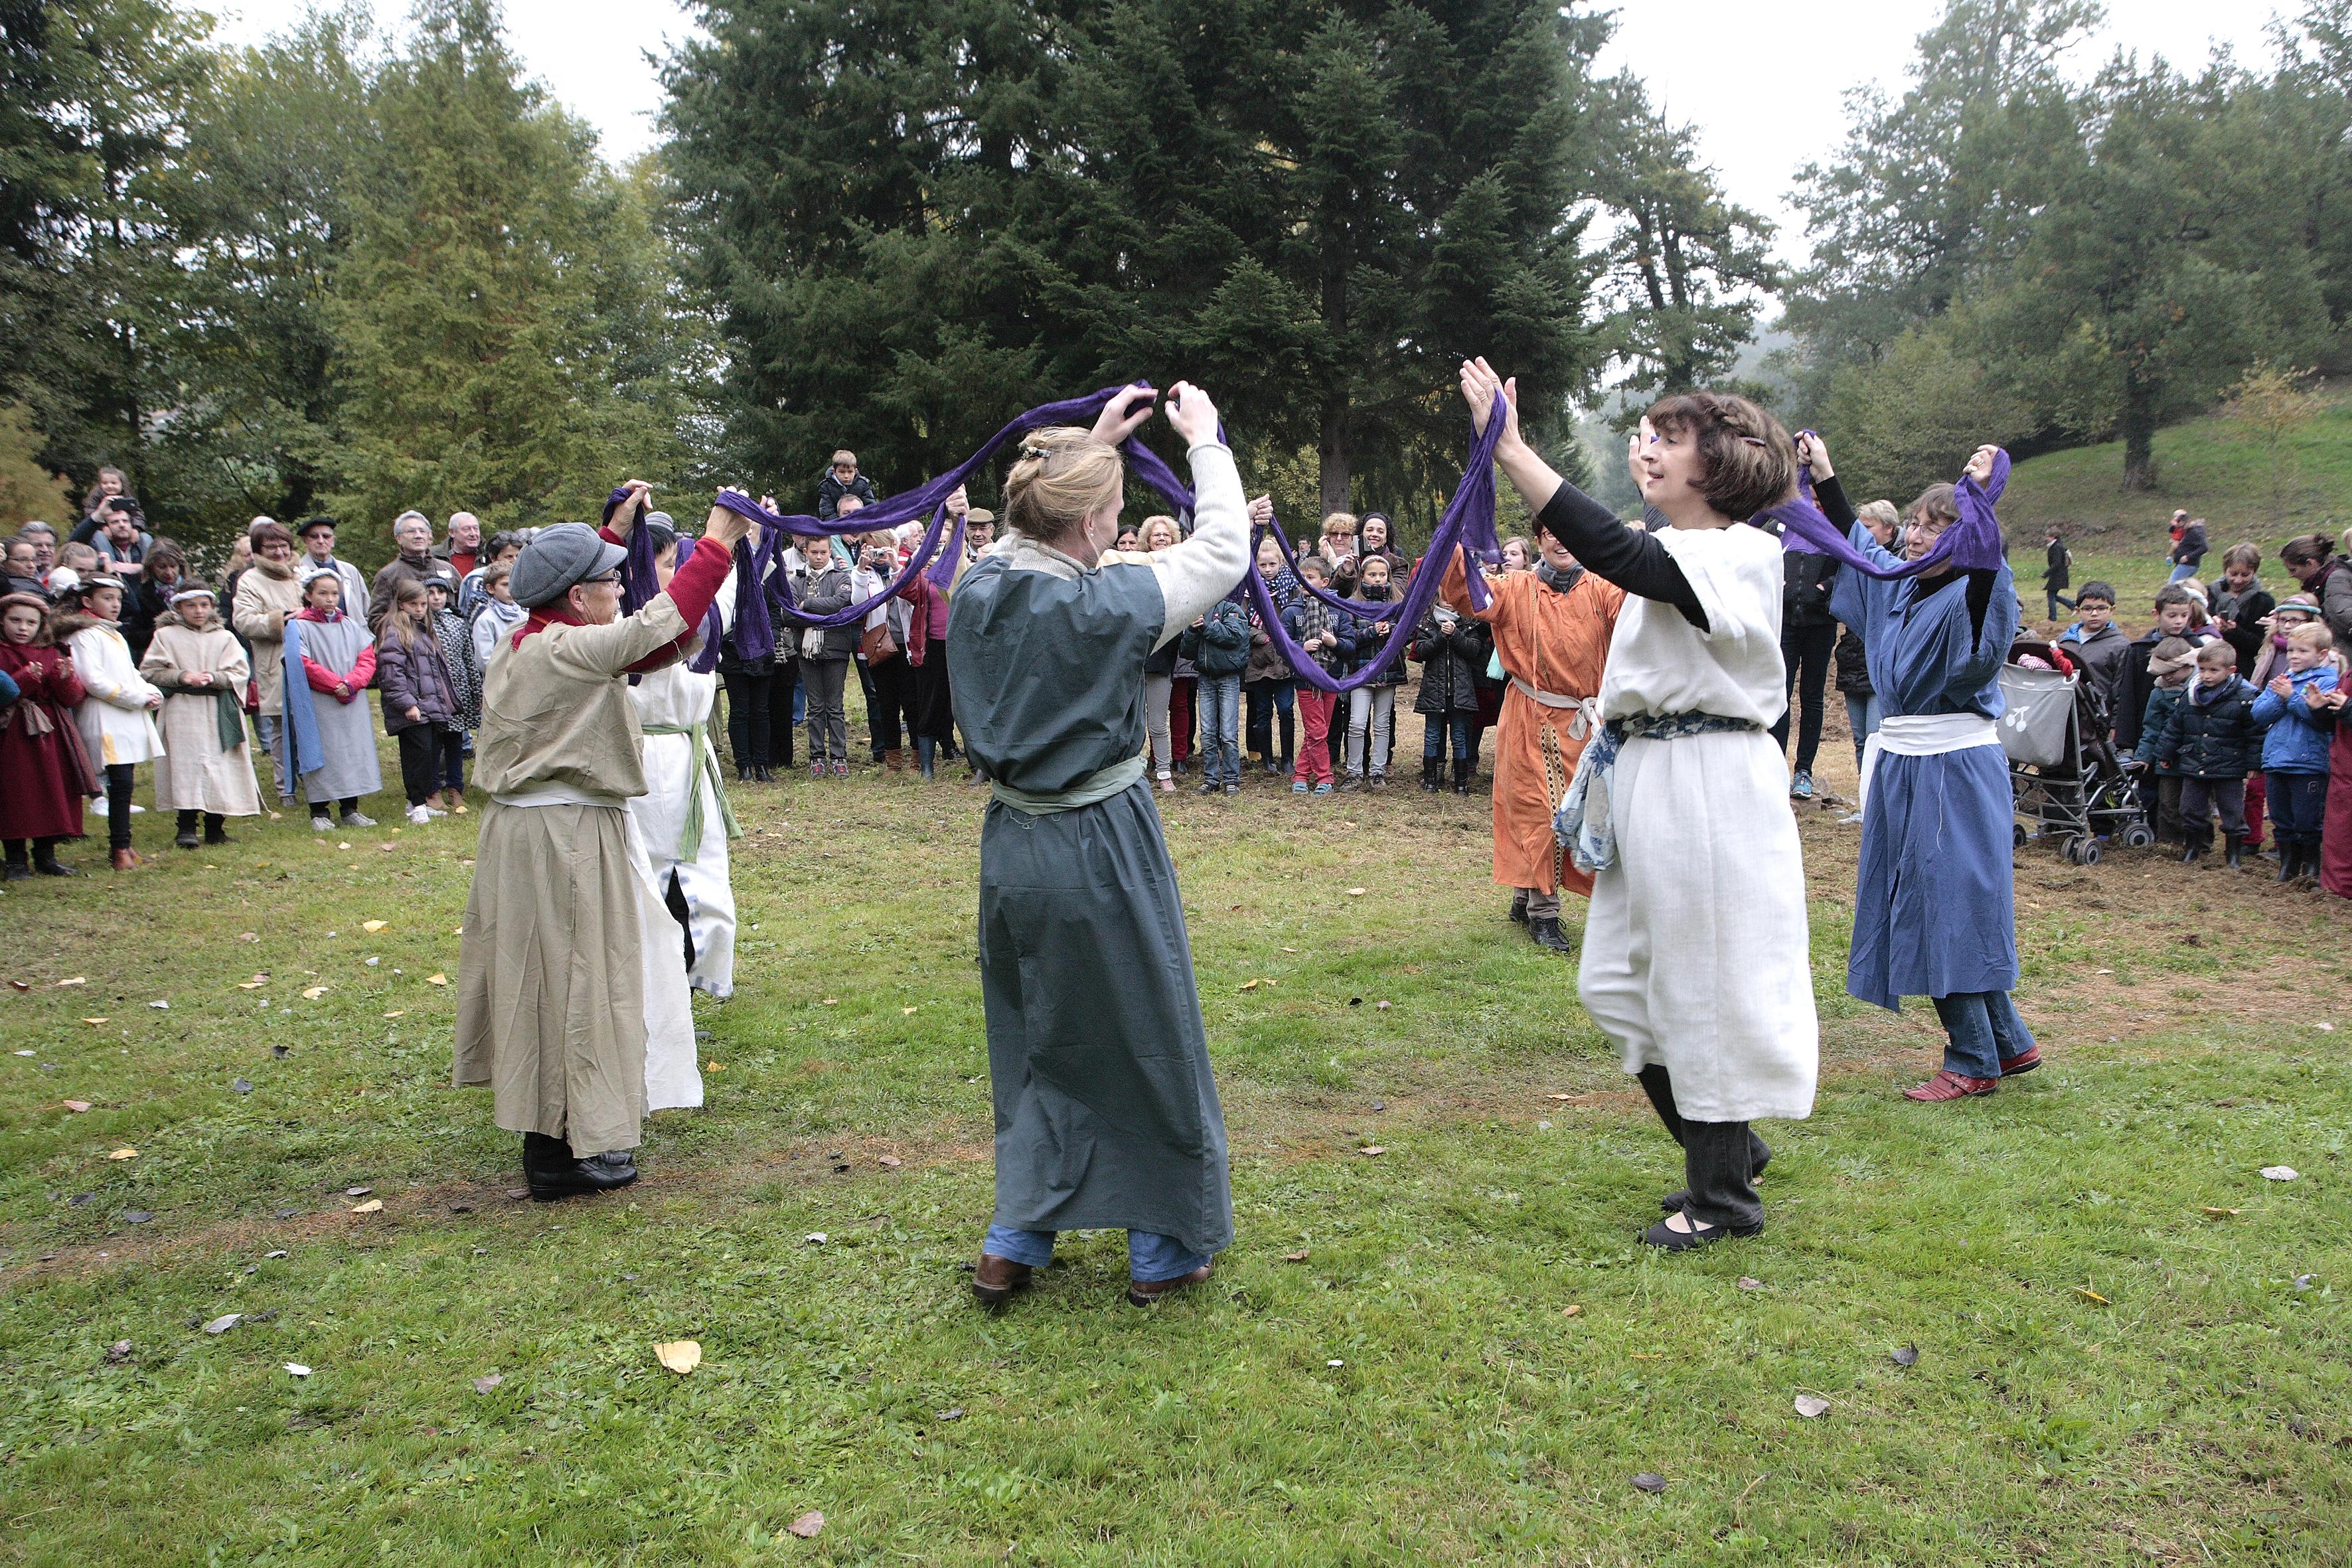 La danse juive, au coeur des Noces de Cana, sera à l'honneur dans Yeshua © DR